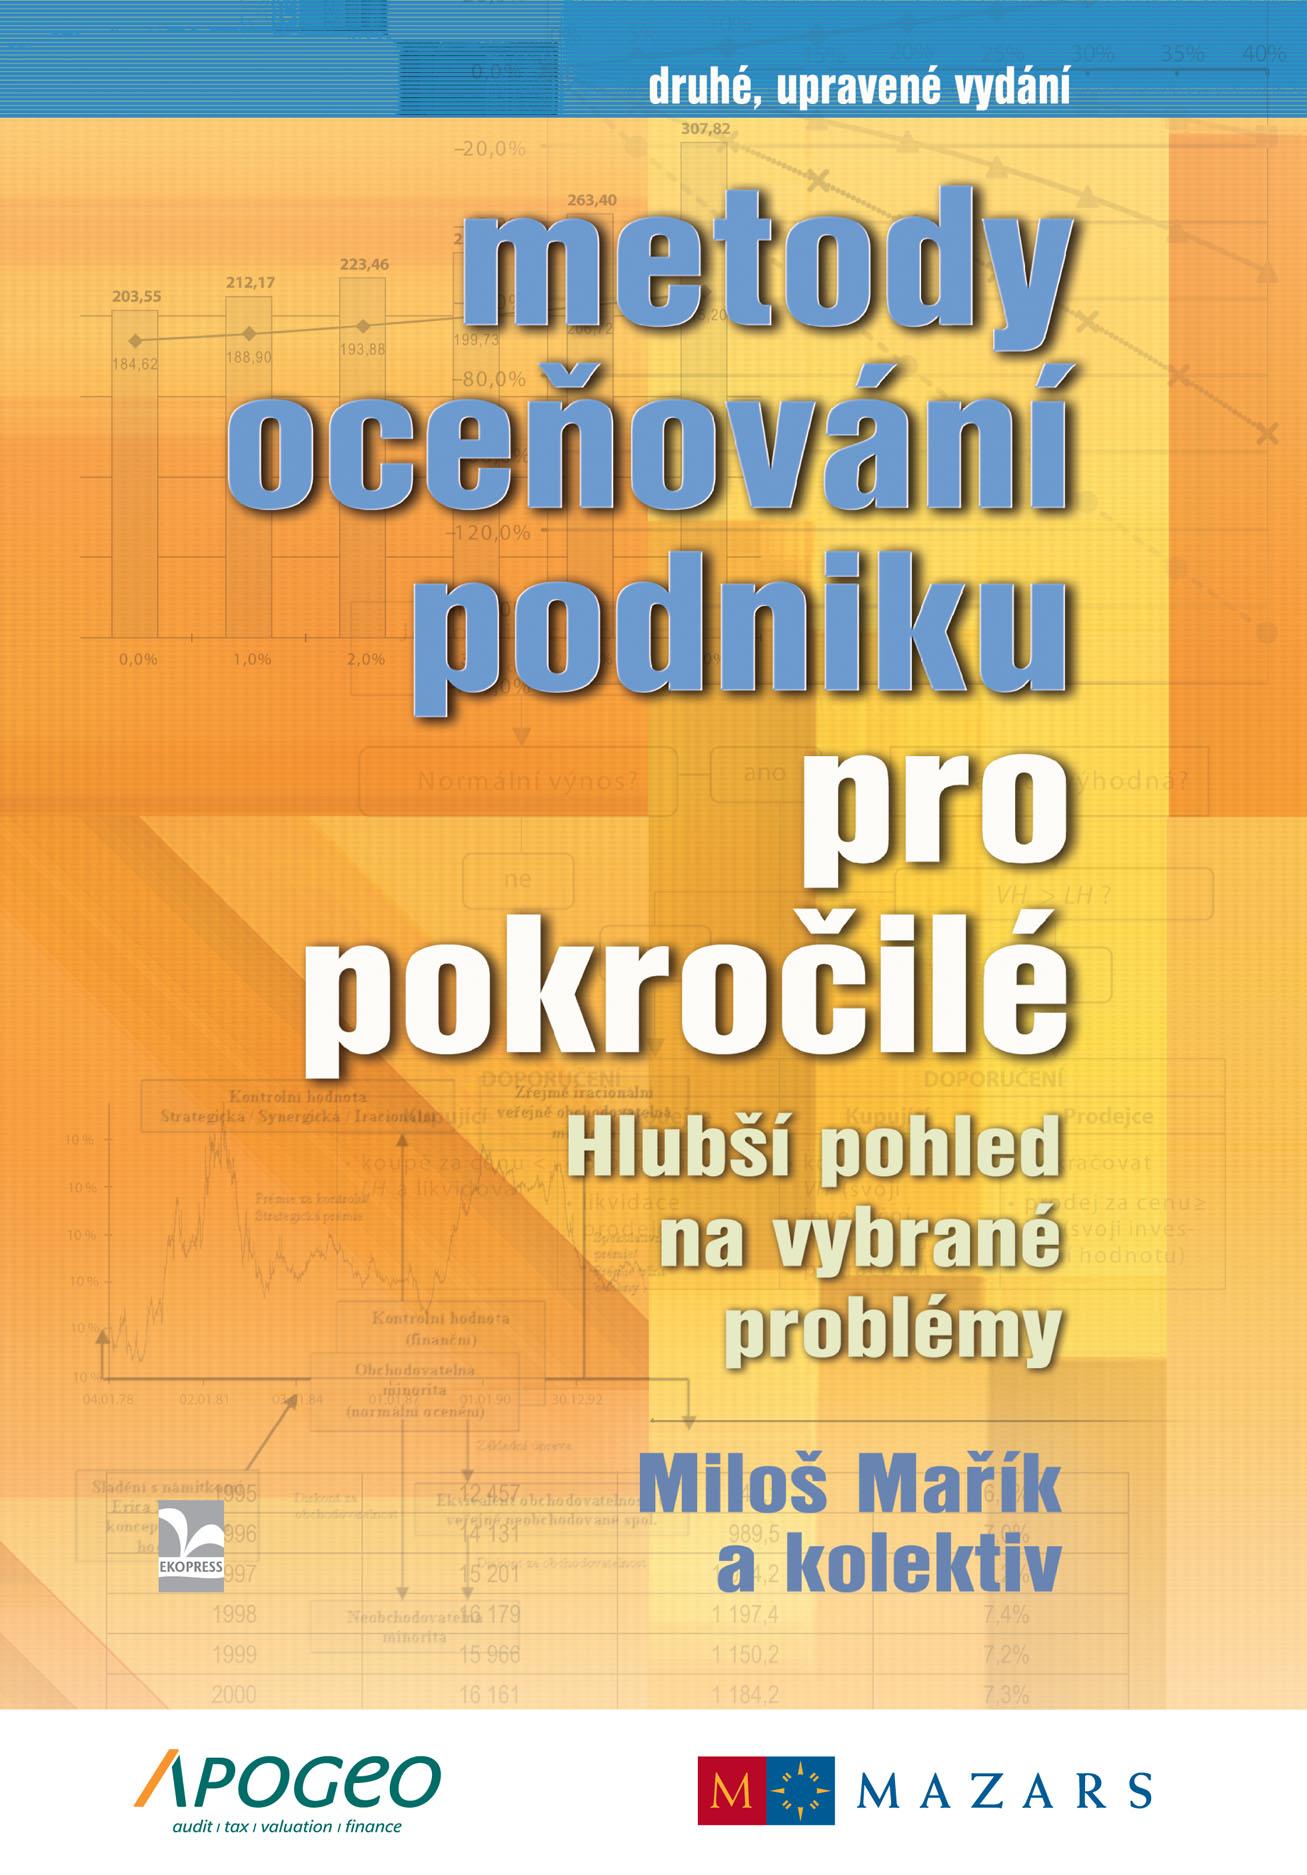 Metody oceňování podniku pro pokročilé (druhé, upravené vydání) - Hlubší pohled na vybrané problémy